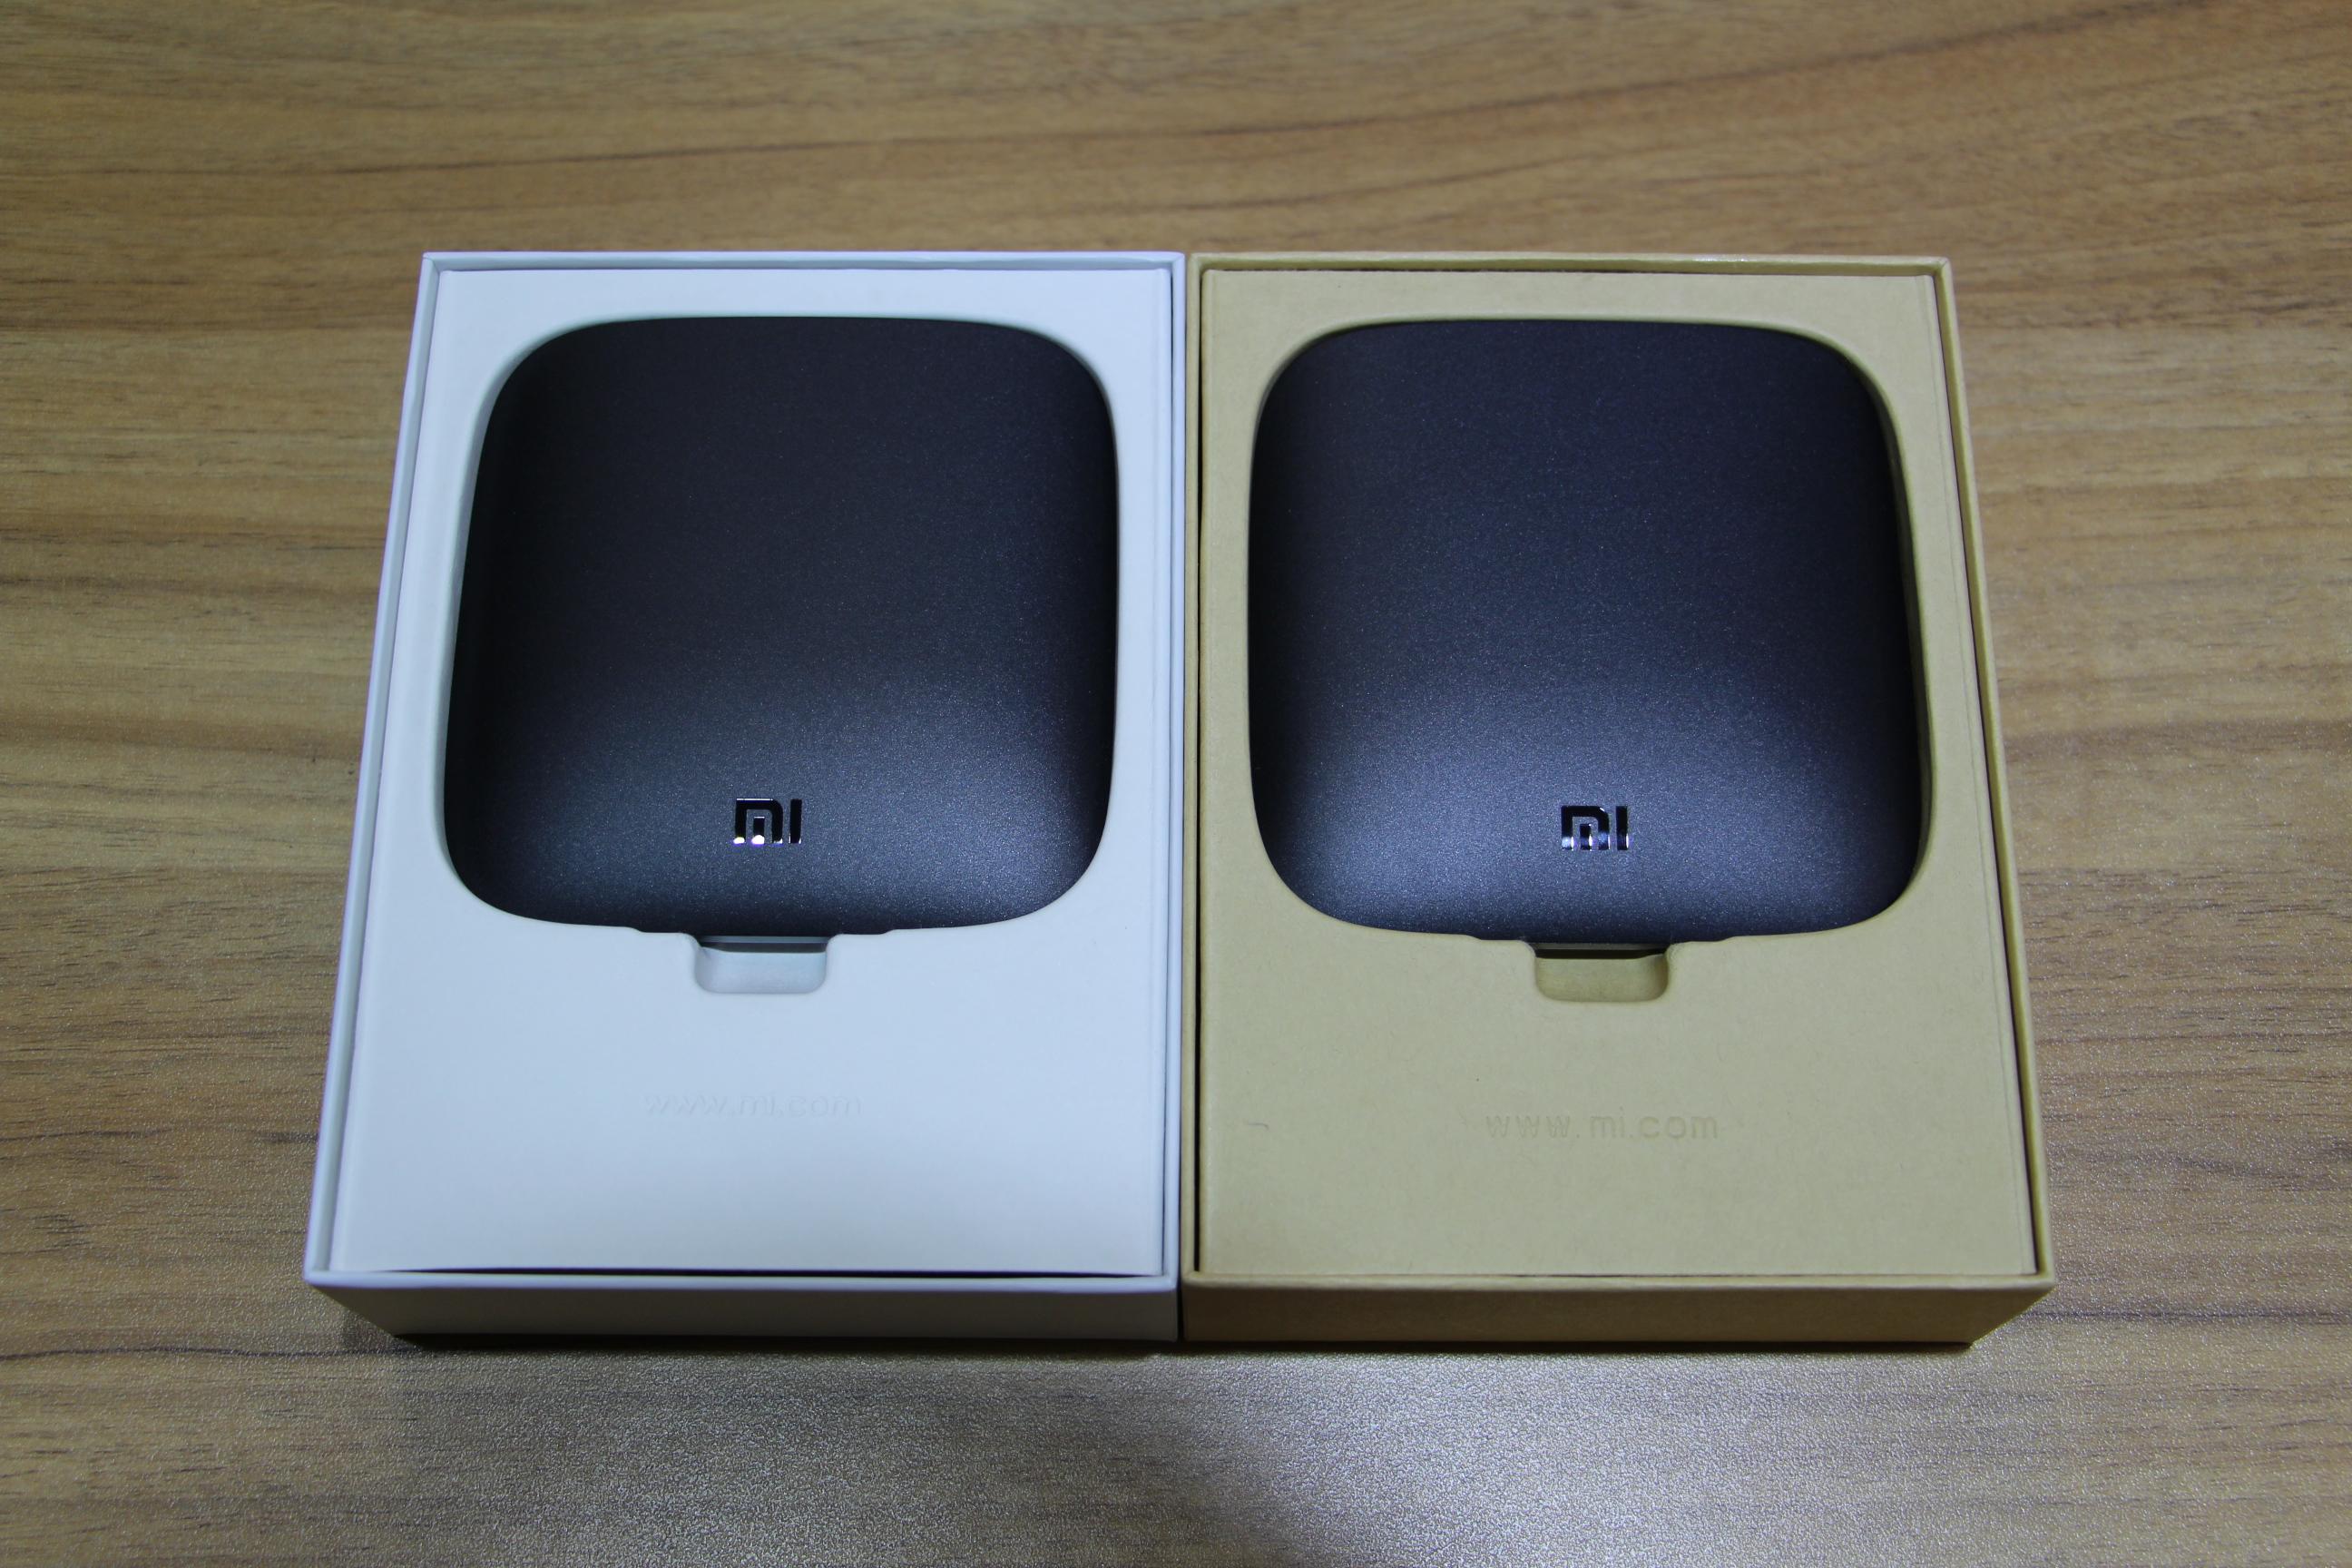 小米盒子3s和小米盒子3c对比评测,小米盒子3s又增加了什么黑科技